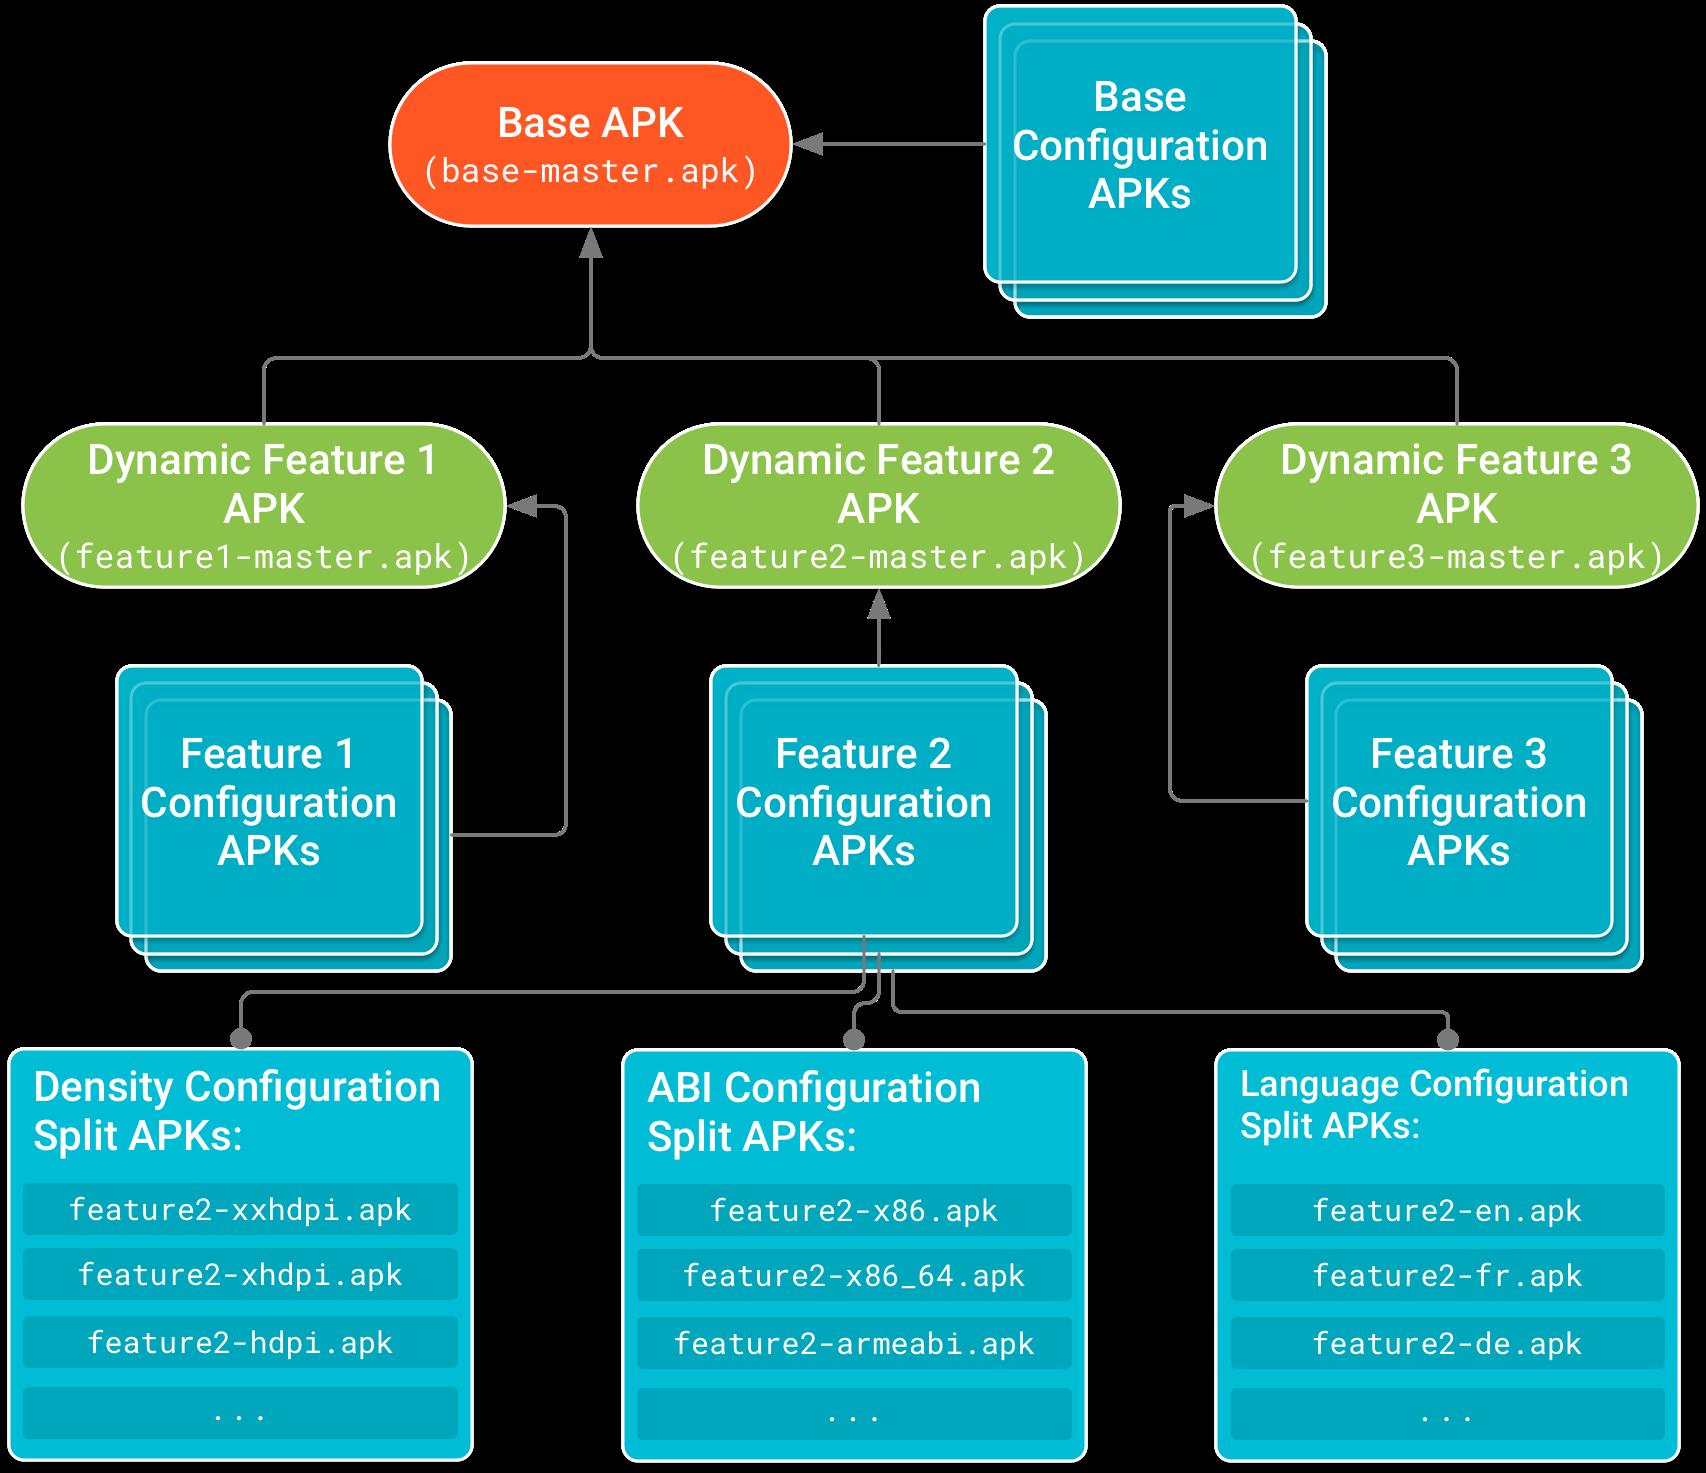 El APK de base forma la cabeza del árbol, y los APK de funciones dinámicas dependen de él. Los APK de configuración, que incluyen código y recursos específicos según la configuración del dispositivo para el APK de base y cada APK de funciones dinámicas forma los nodos de hoja del árbol de dependencias.